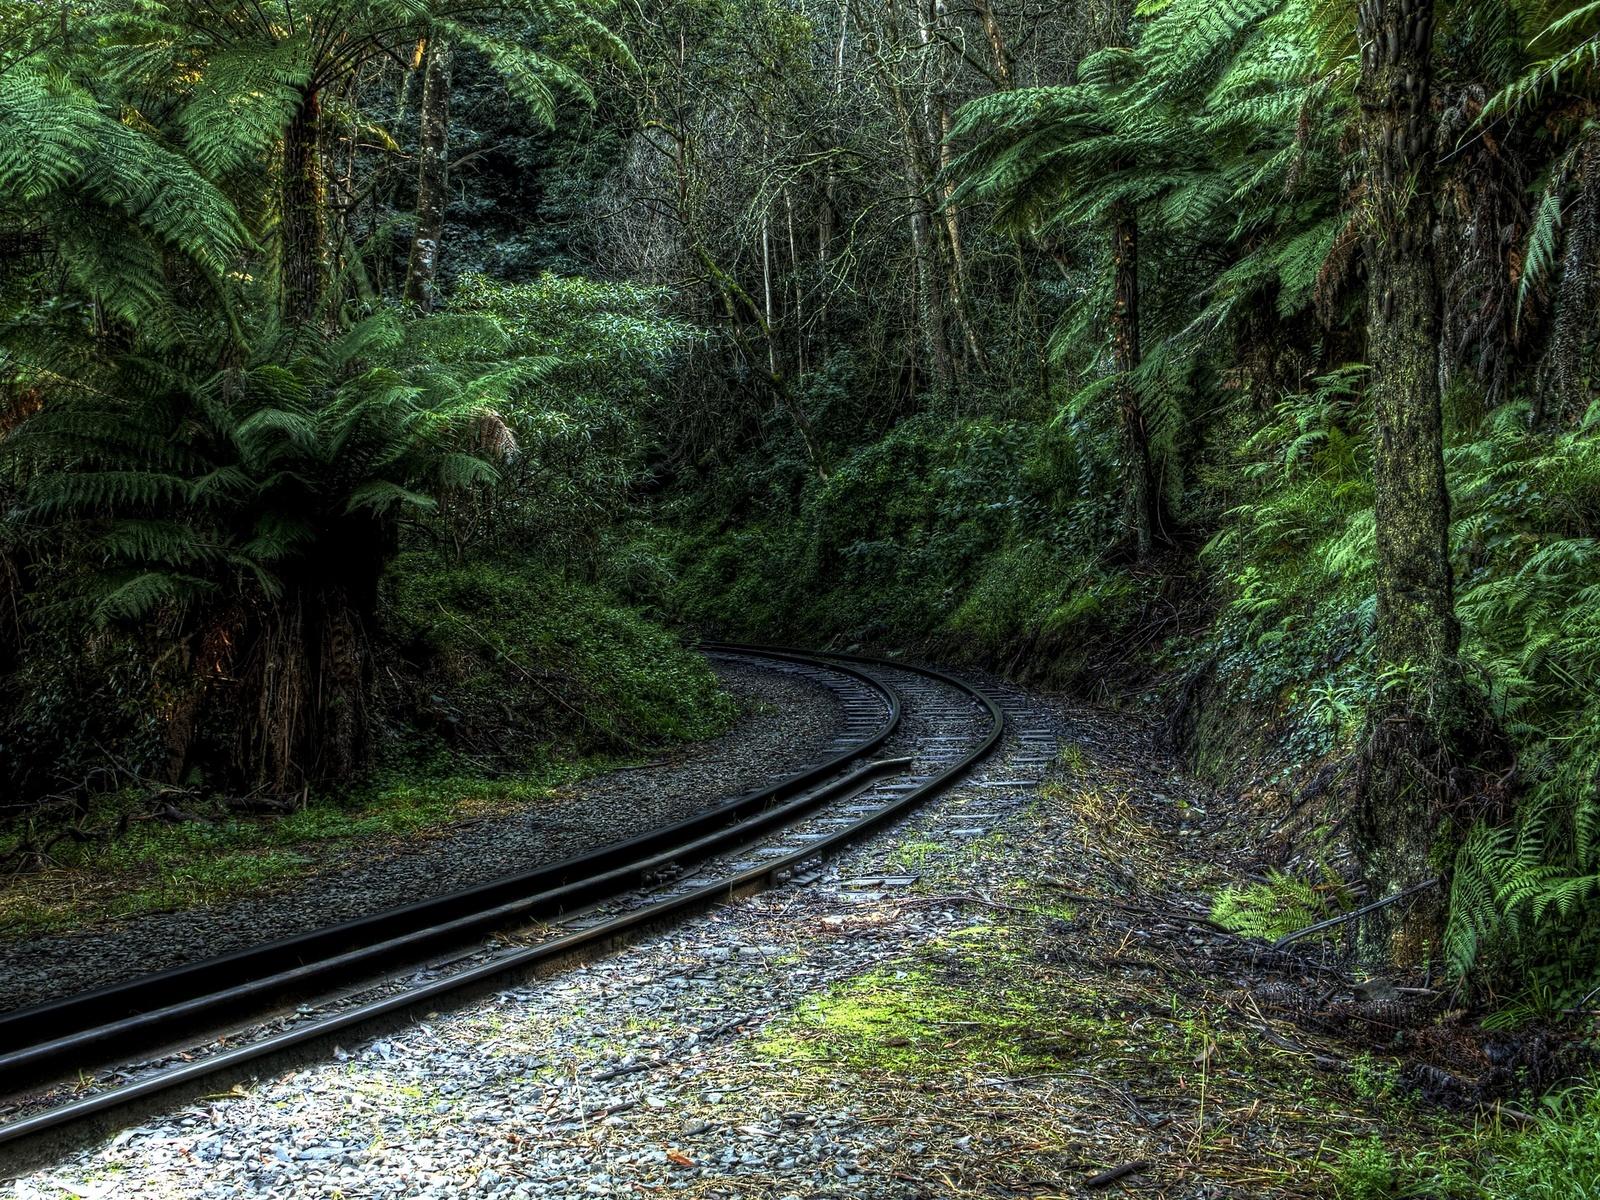 деревья, железная дорога, тропический, лес